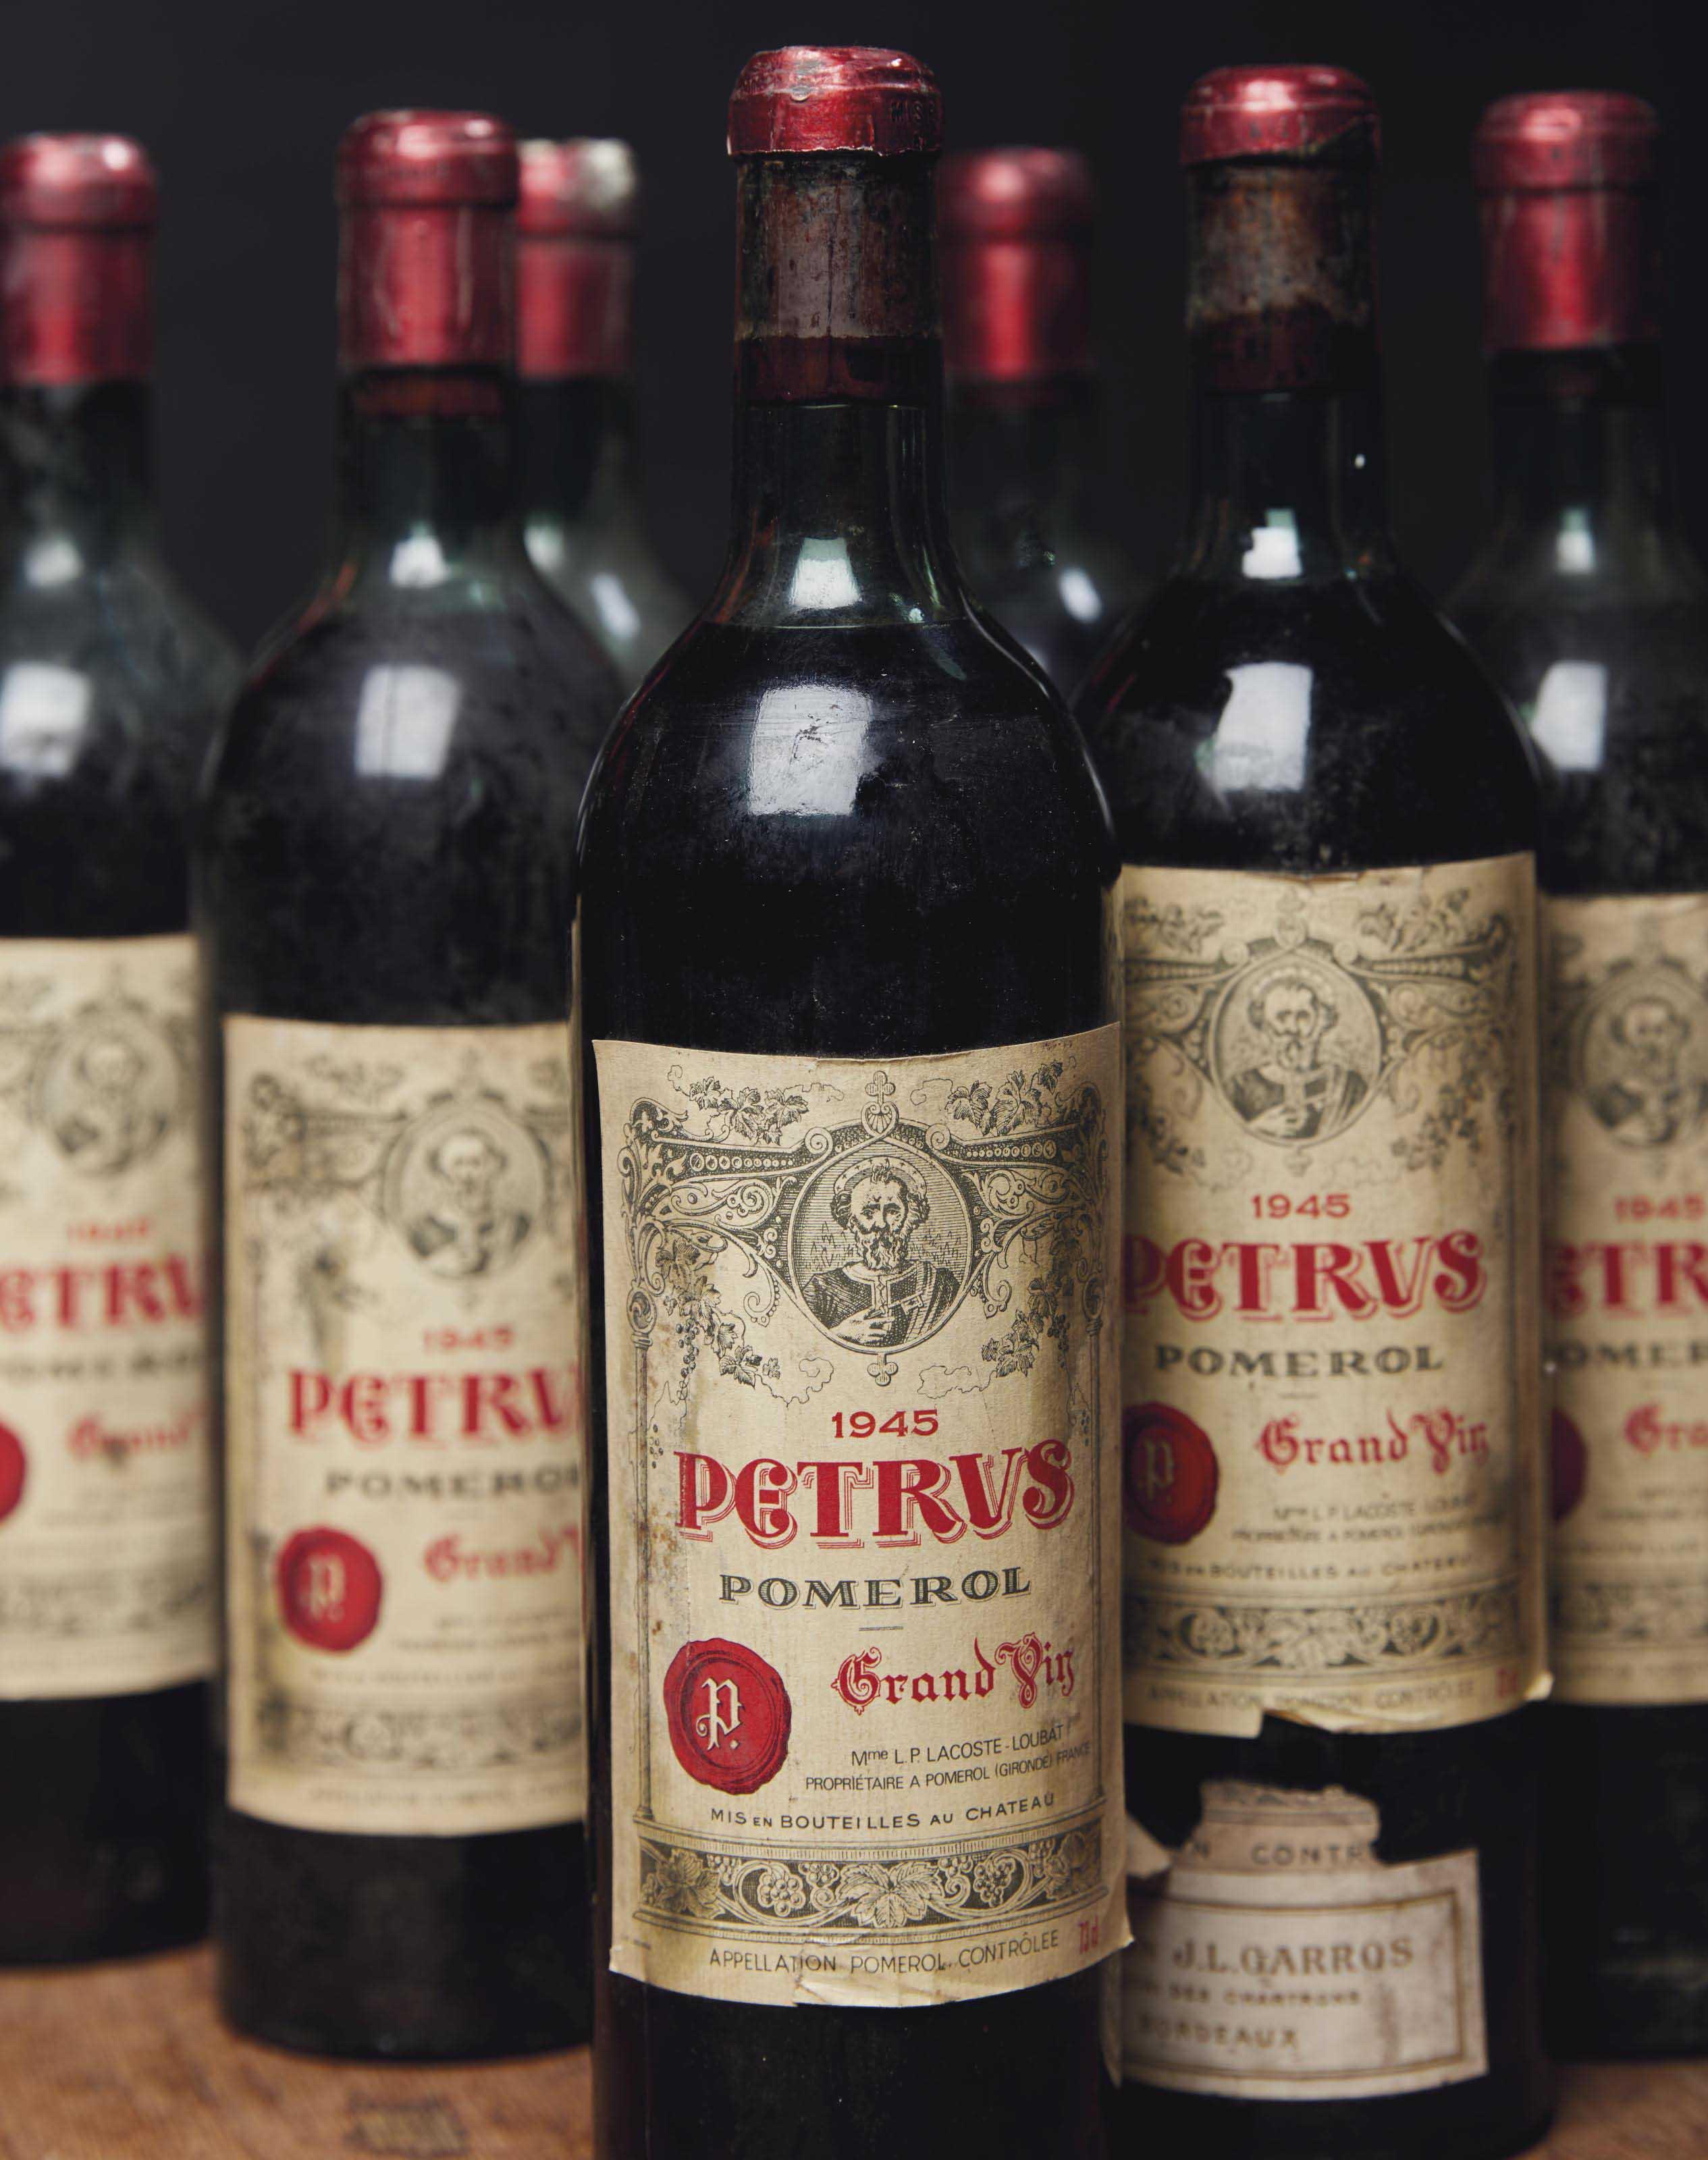 Petrus 1945